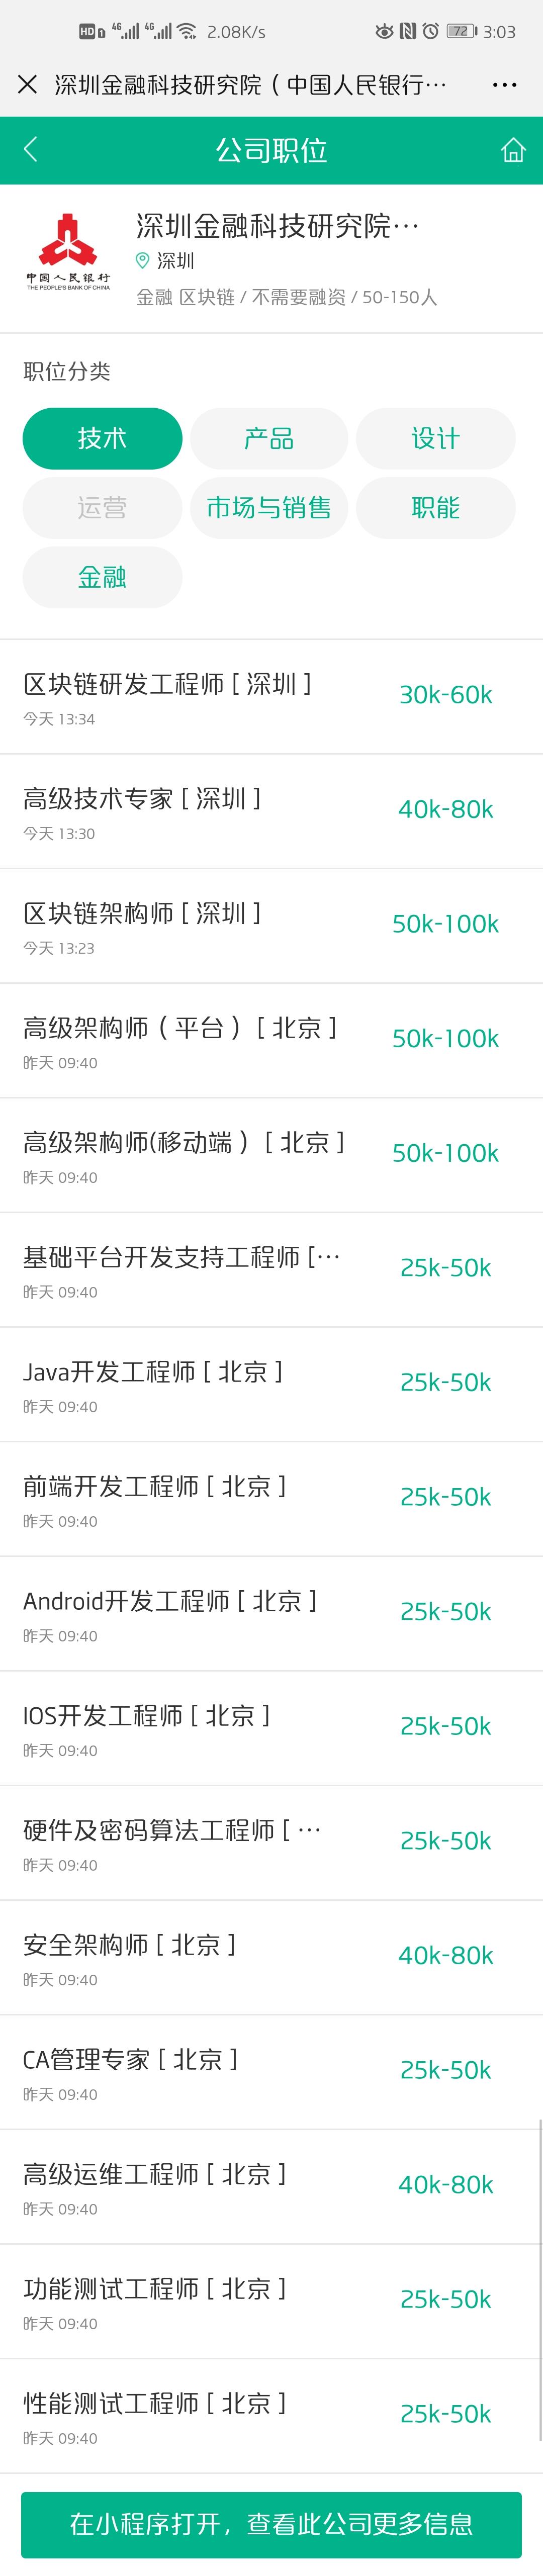 http://www.reviewcode.cn/yunjisuan/49141.html